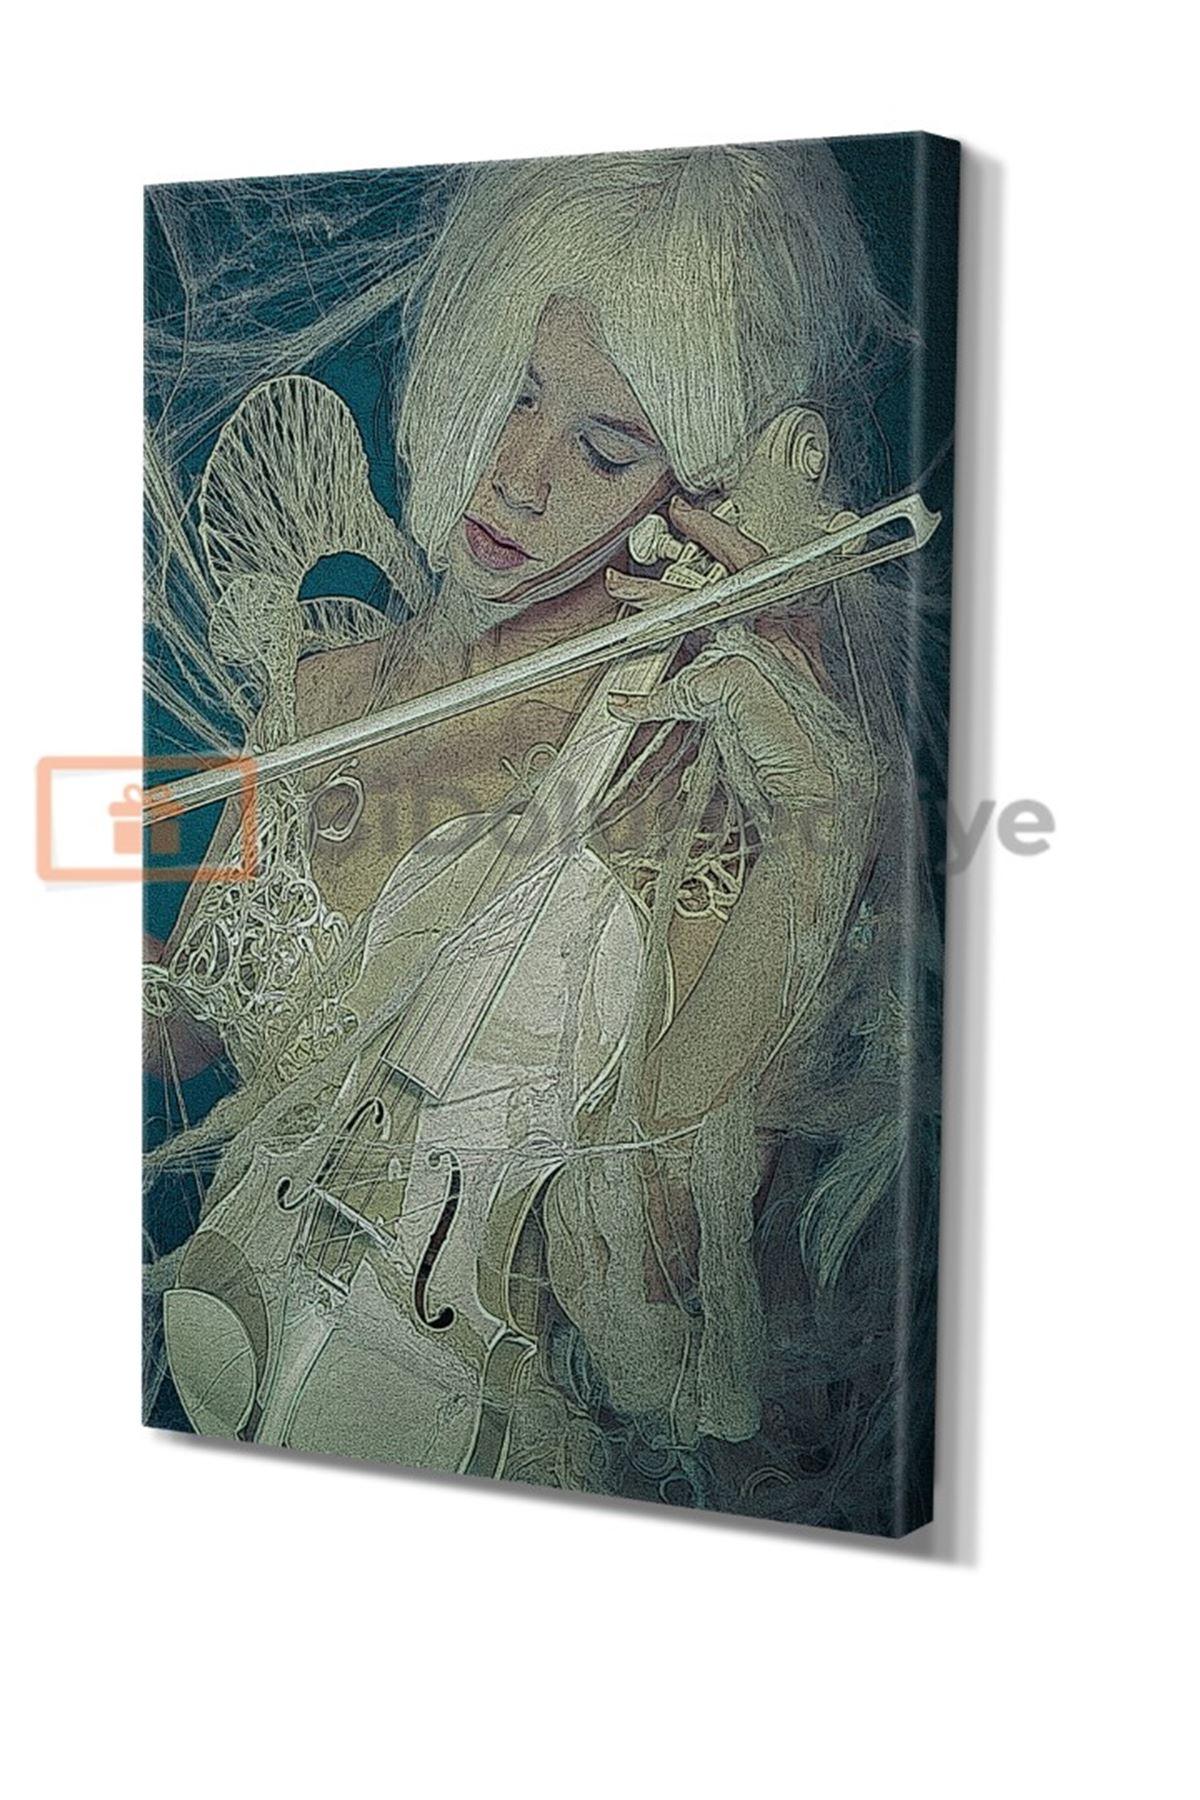 Yağlı Boya Görünümlü Keman Çalan Kız Kanvas Tablo